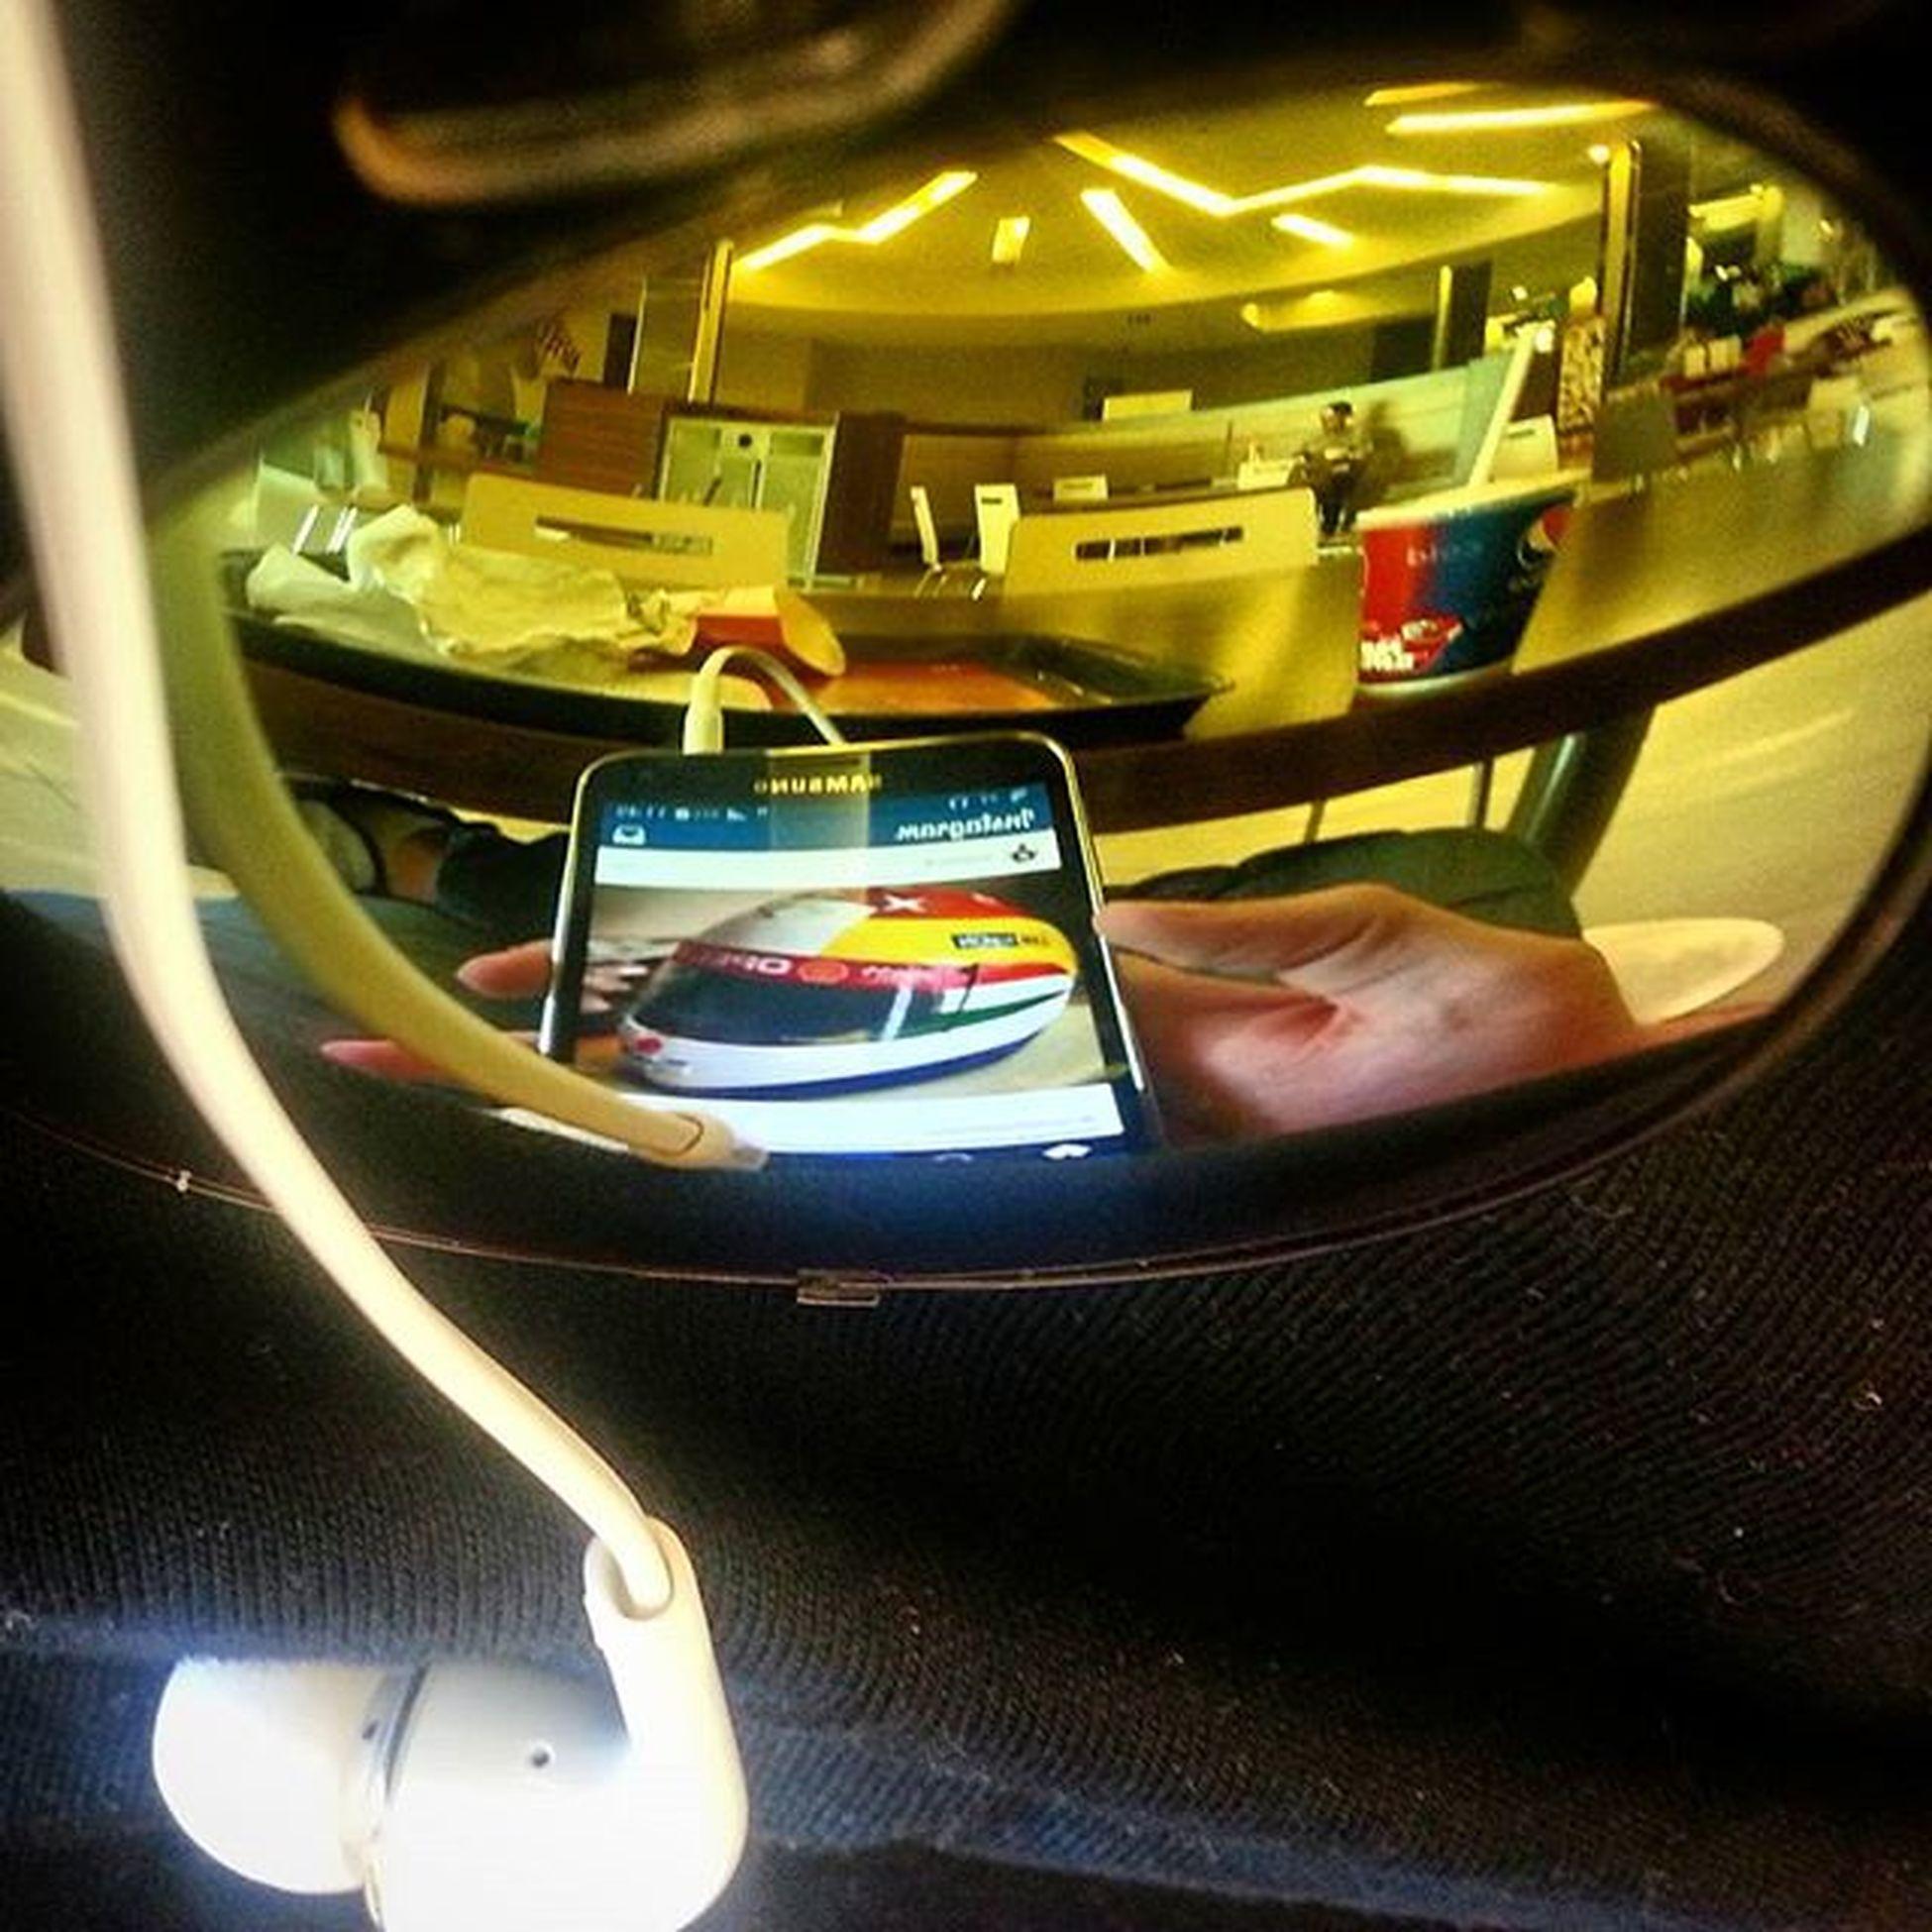 Sunglasses Instagram Howimadethatpicture Helmet Racing